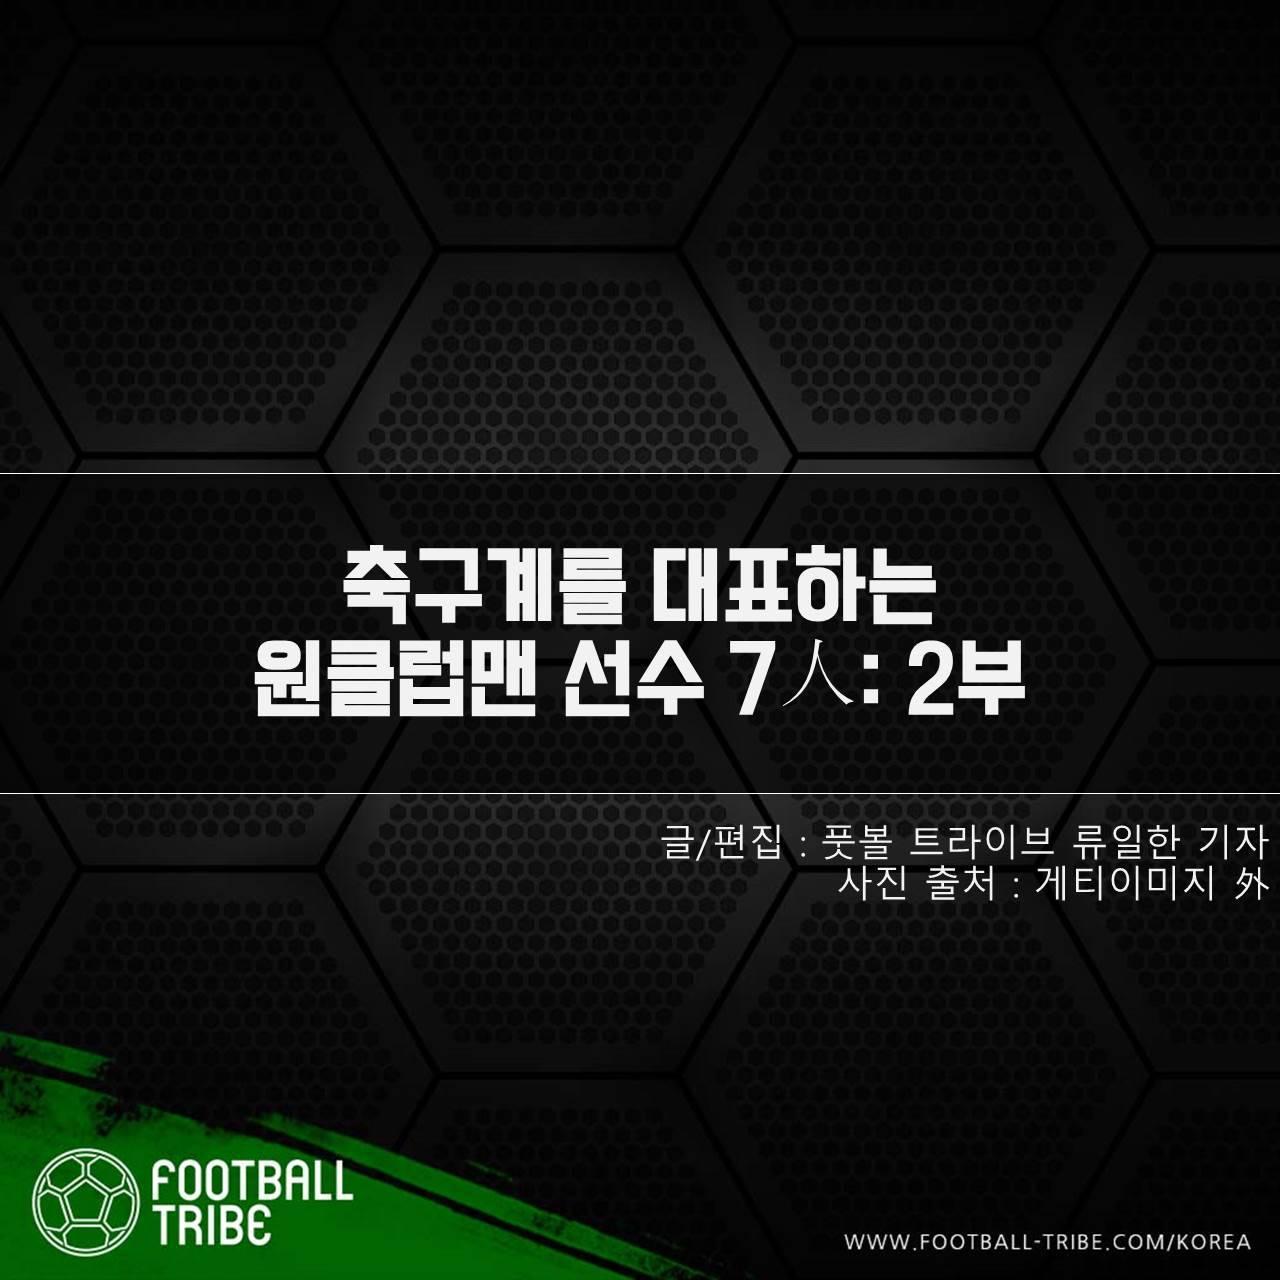 [카드 뉴스] 축구계를 대표하는 원클럽맨 선수 7人: 2부